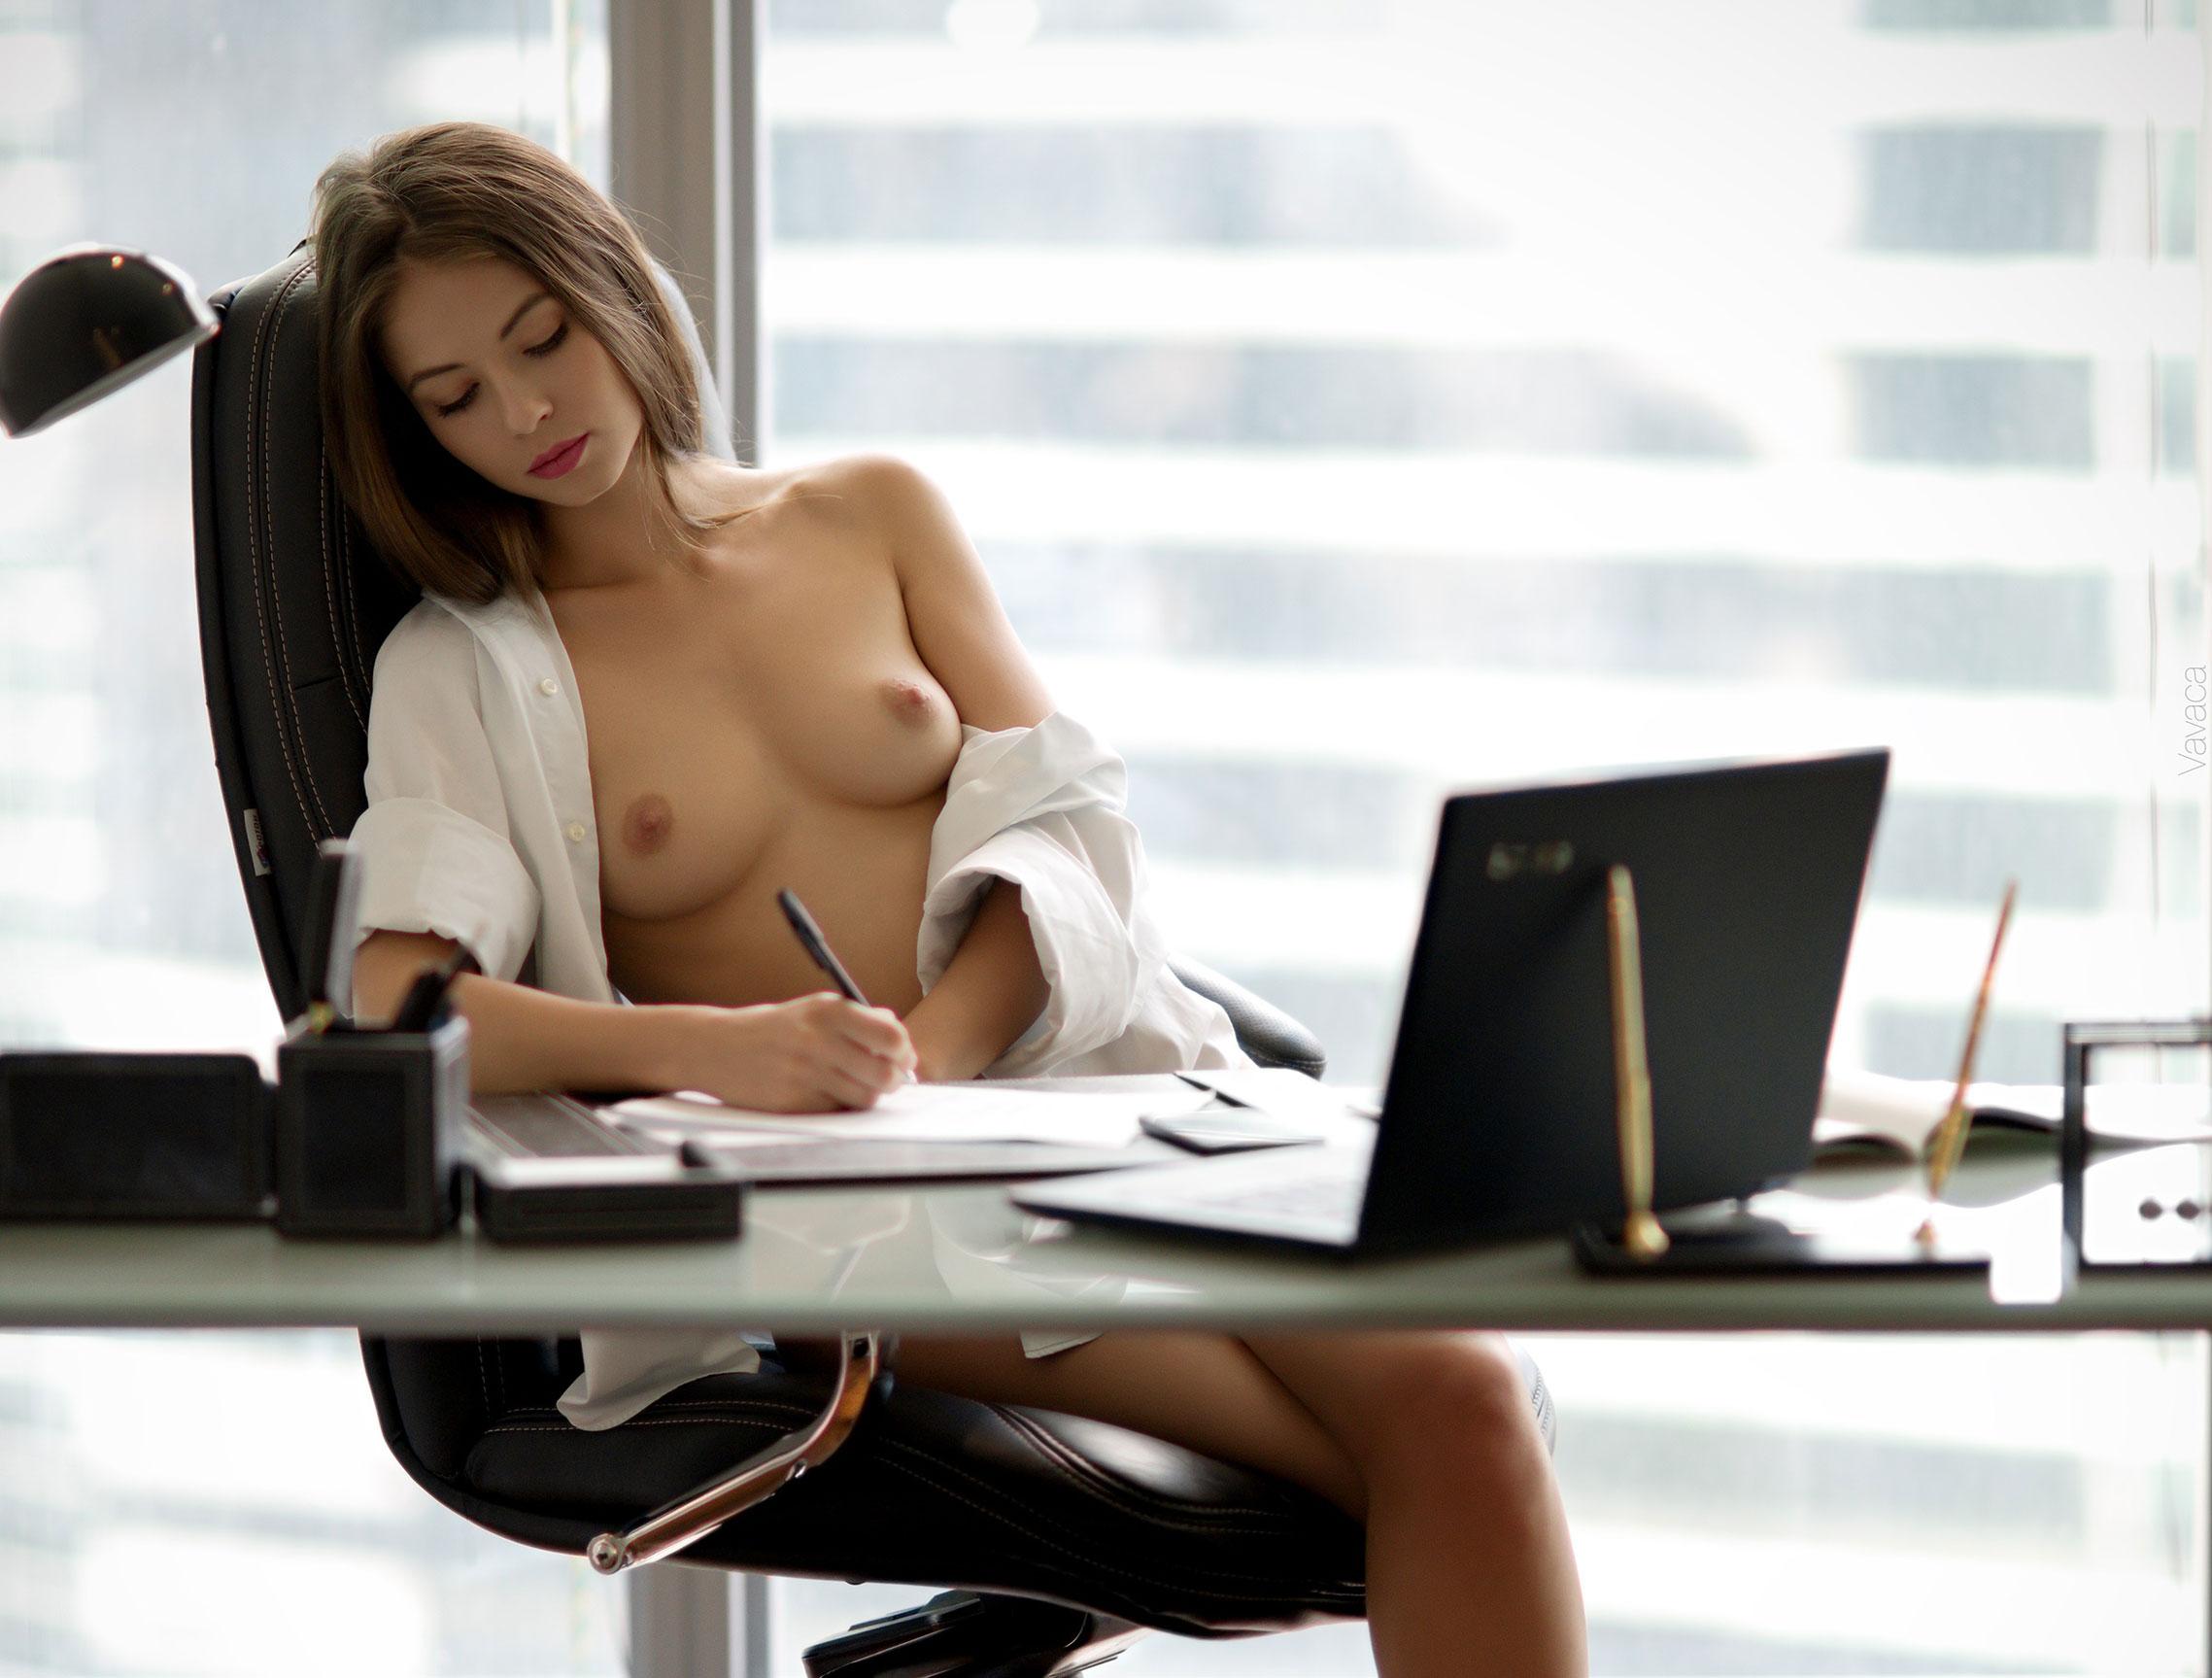 сексуальная Виктория Алико в роли секретарши мечты / фото 03